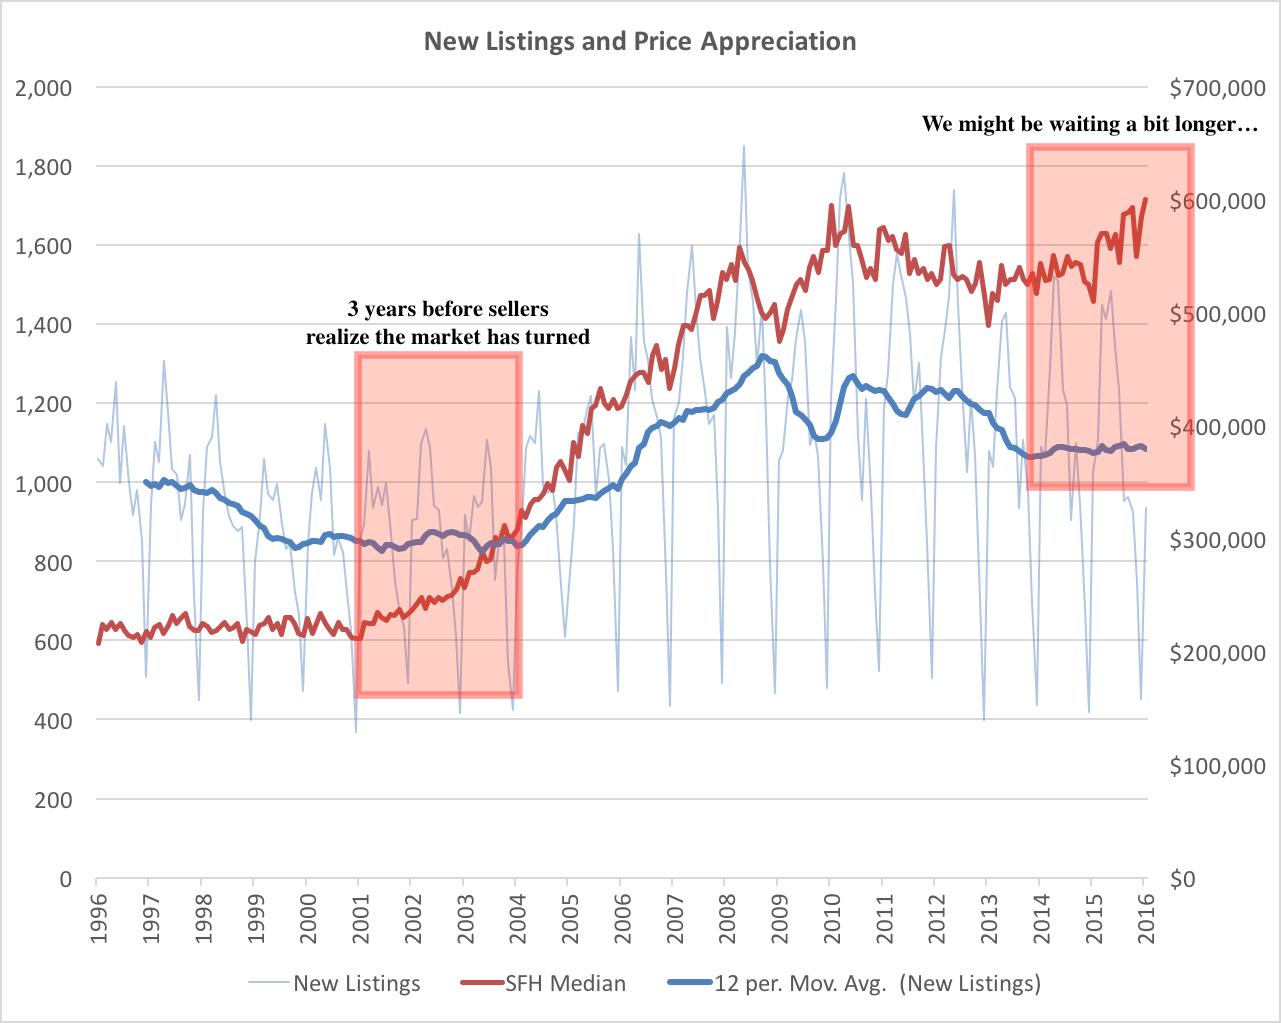 priceappreciation